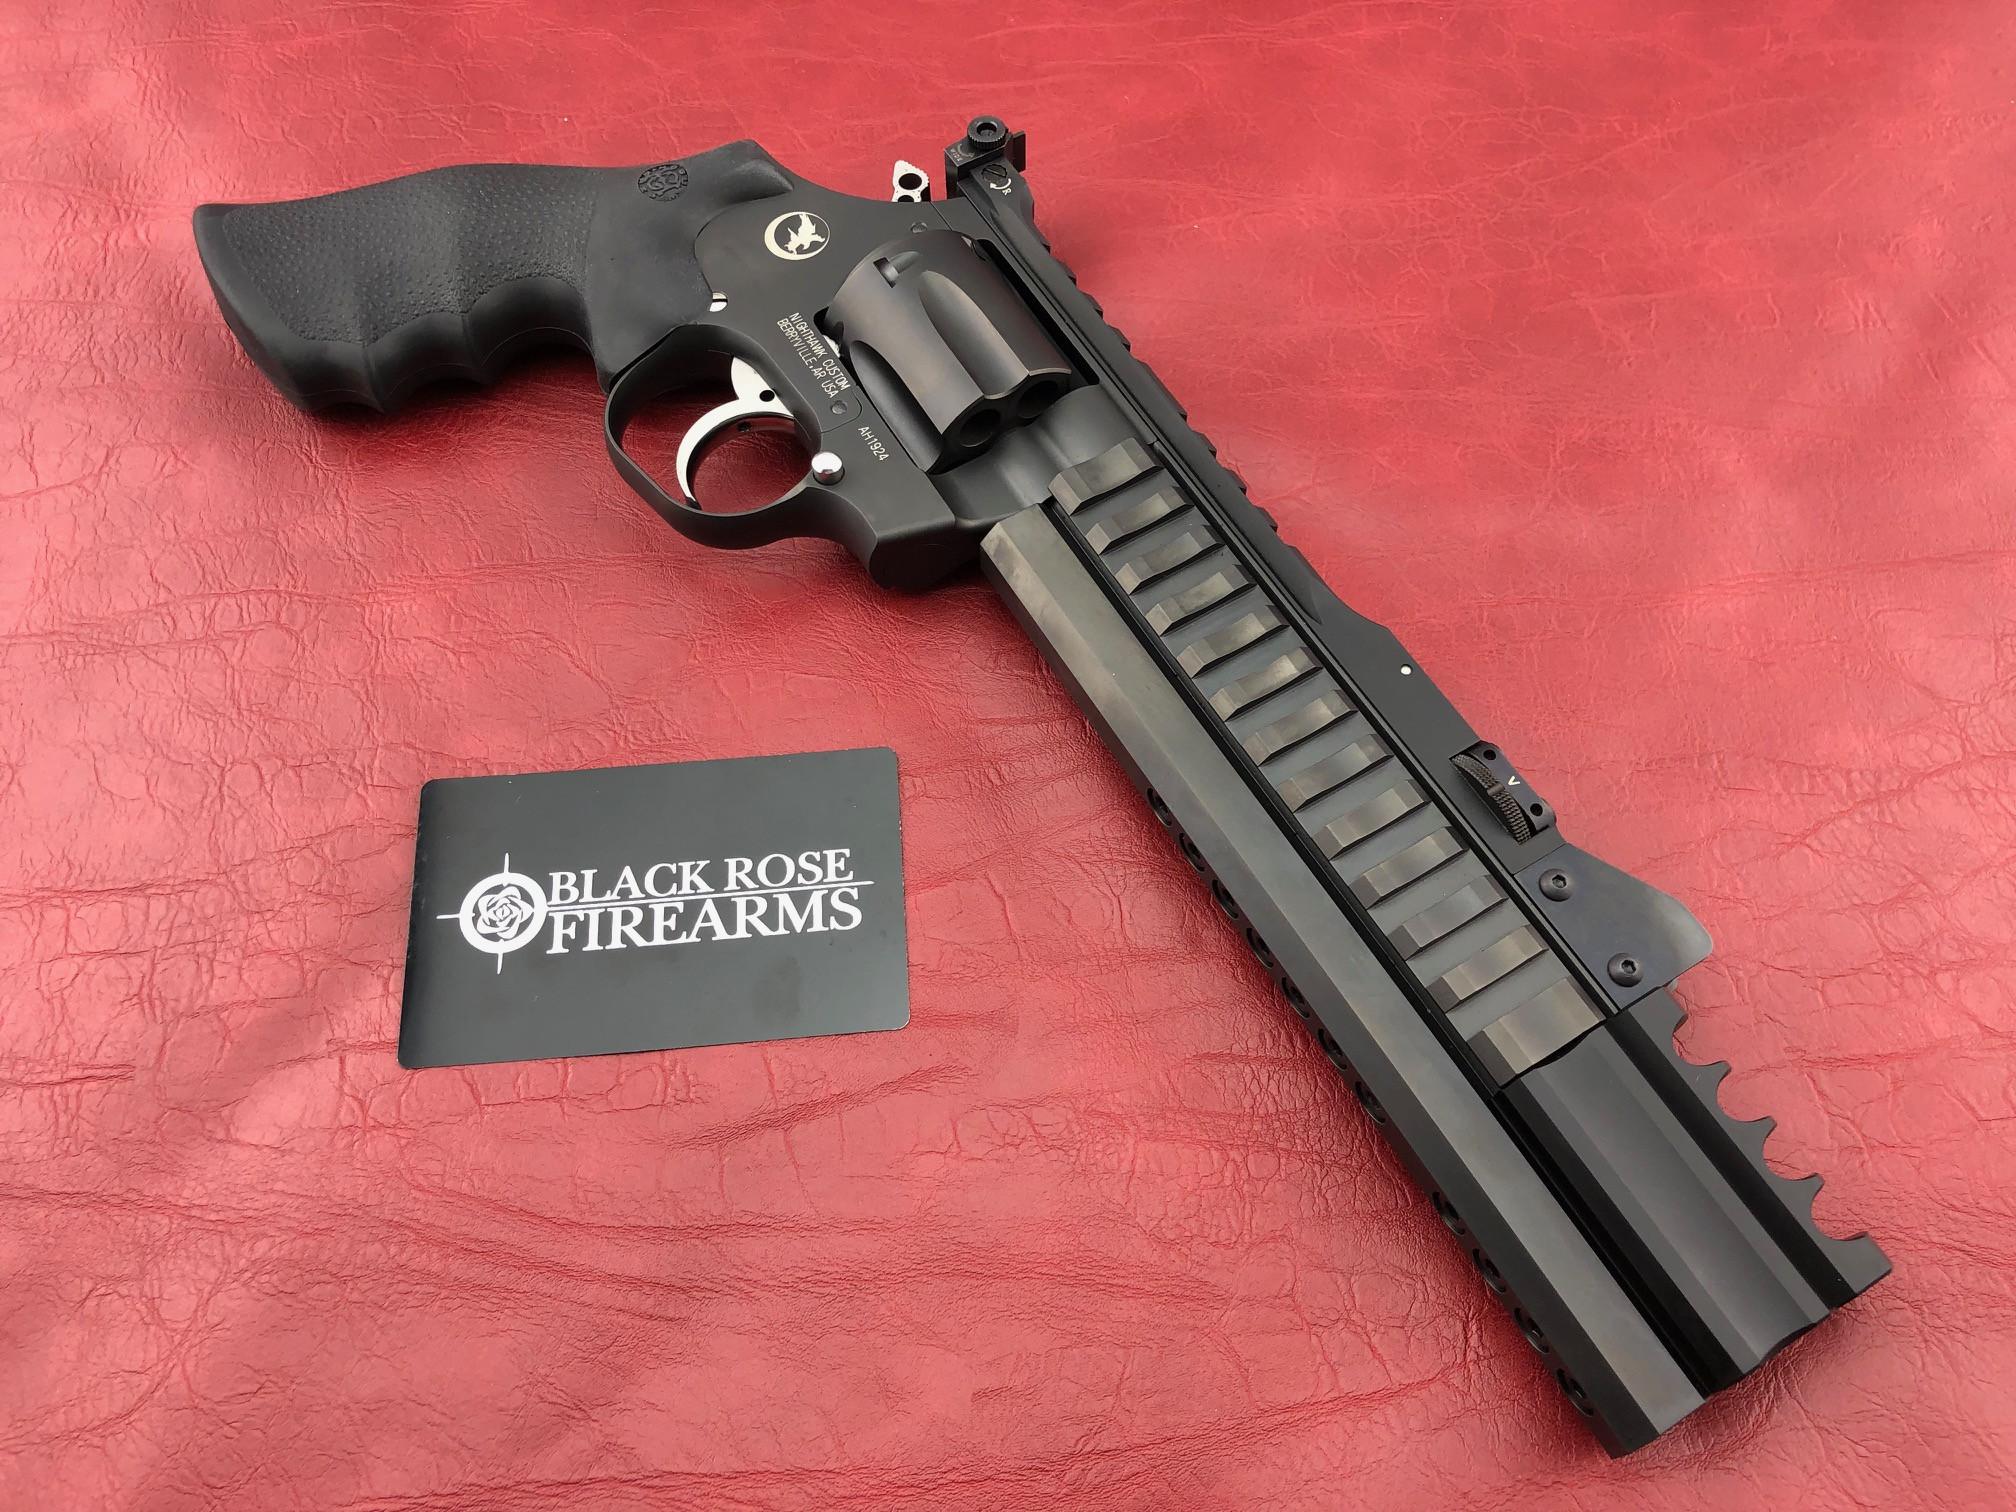 Korth Super Sport  357 Revolver with 9mm cylinder & Kompensator